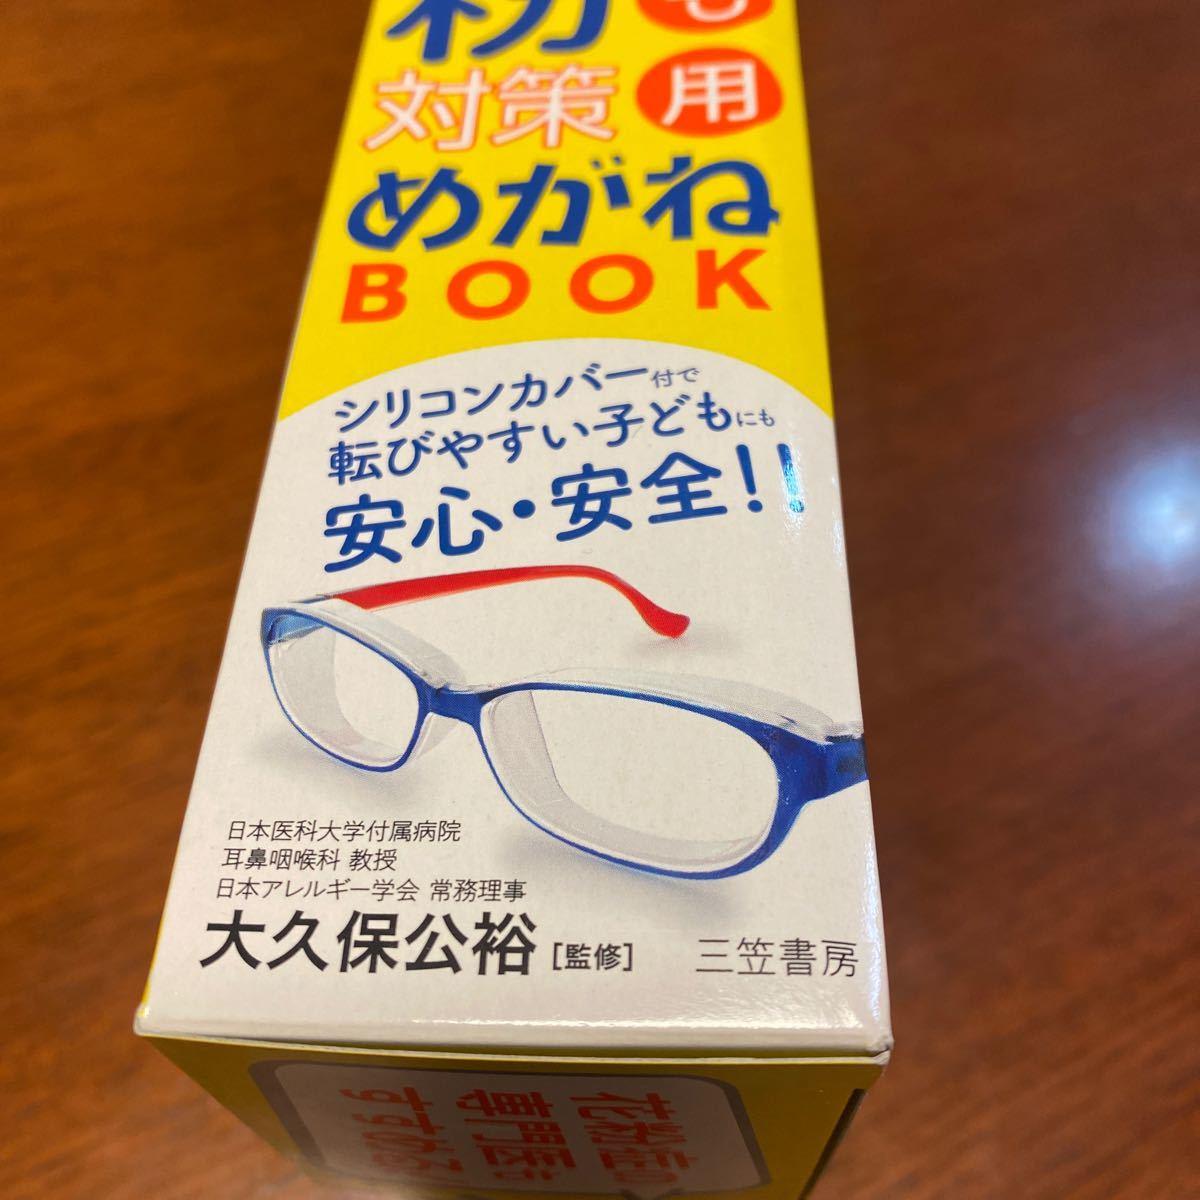 花粉症専門医もすすめる子ども用花粉対策めがねBOOK新品未開封外箱に傷有り_画像7